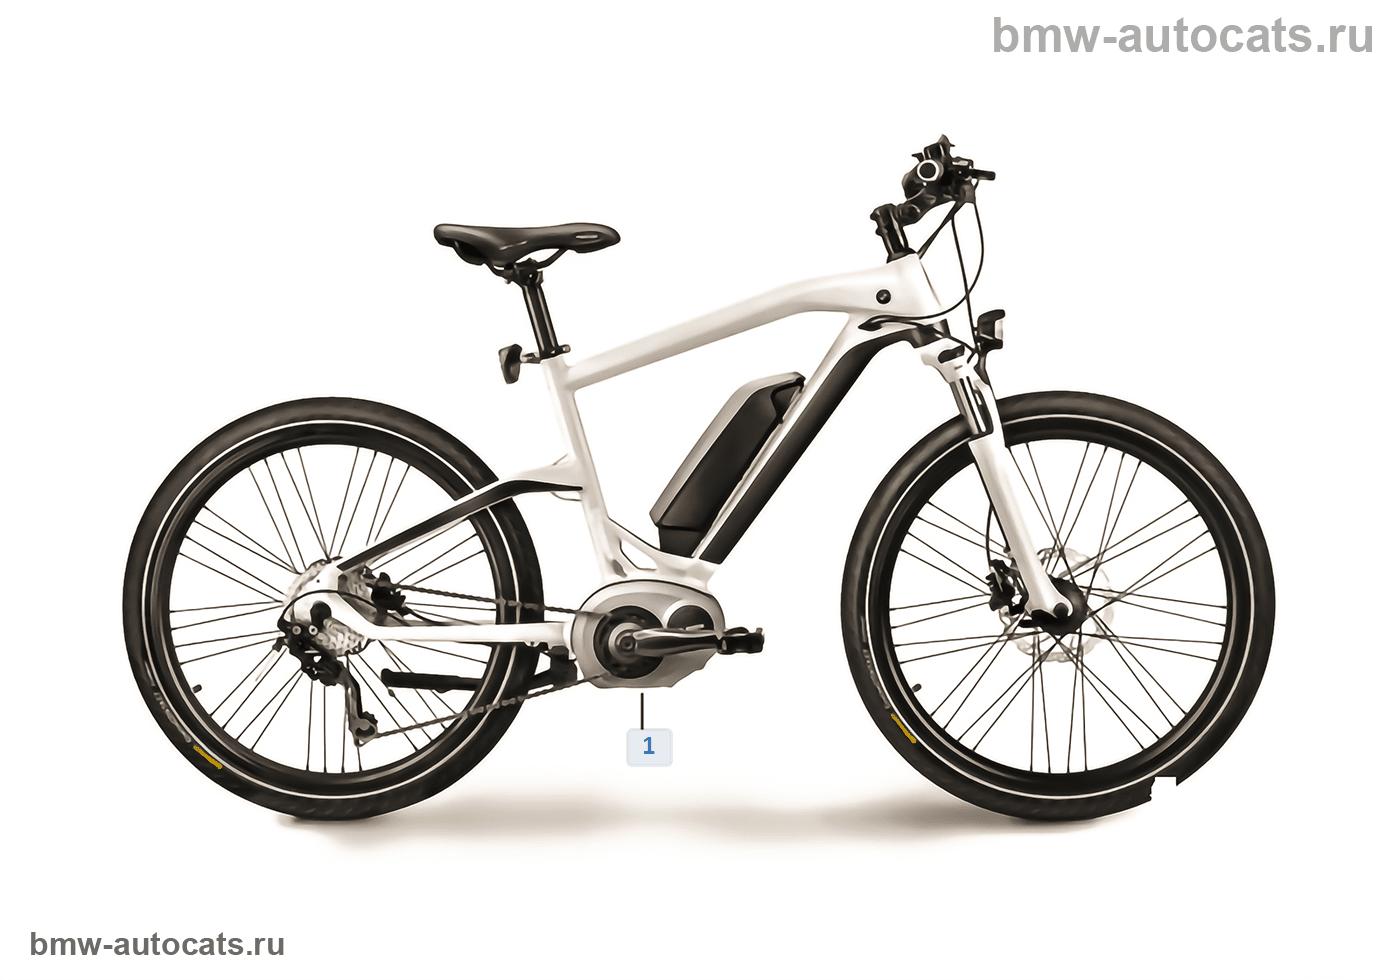 BMW Bikes & Equipment — e-Bike